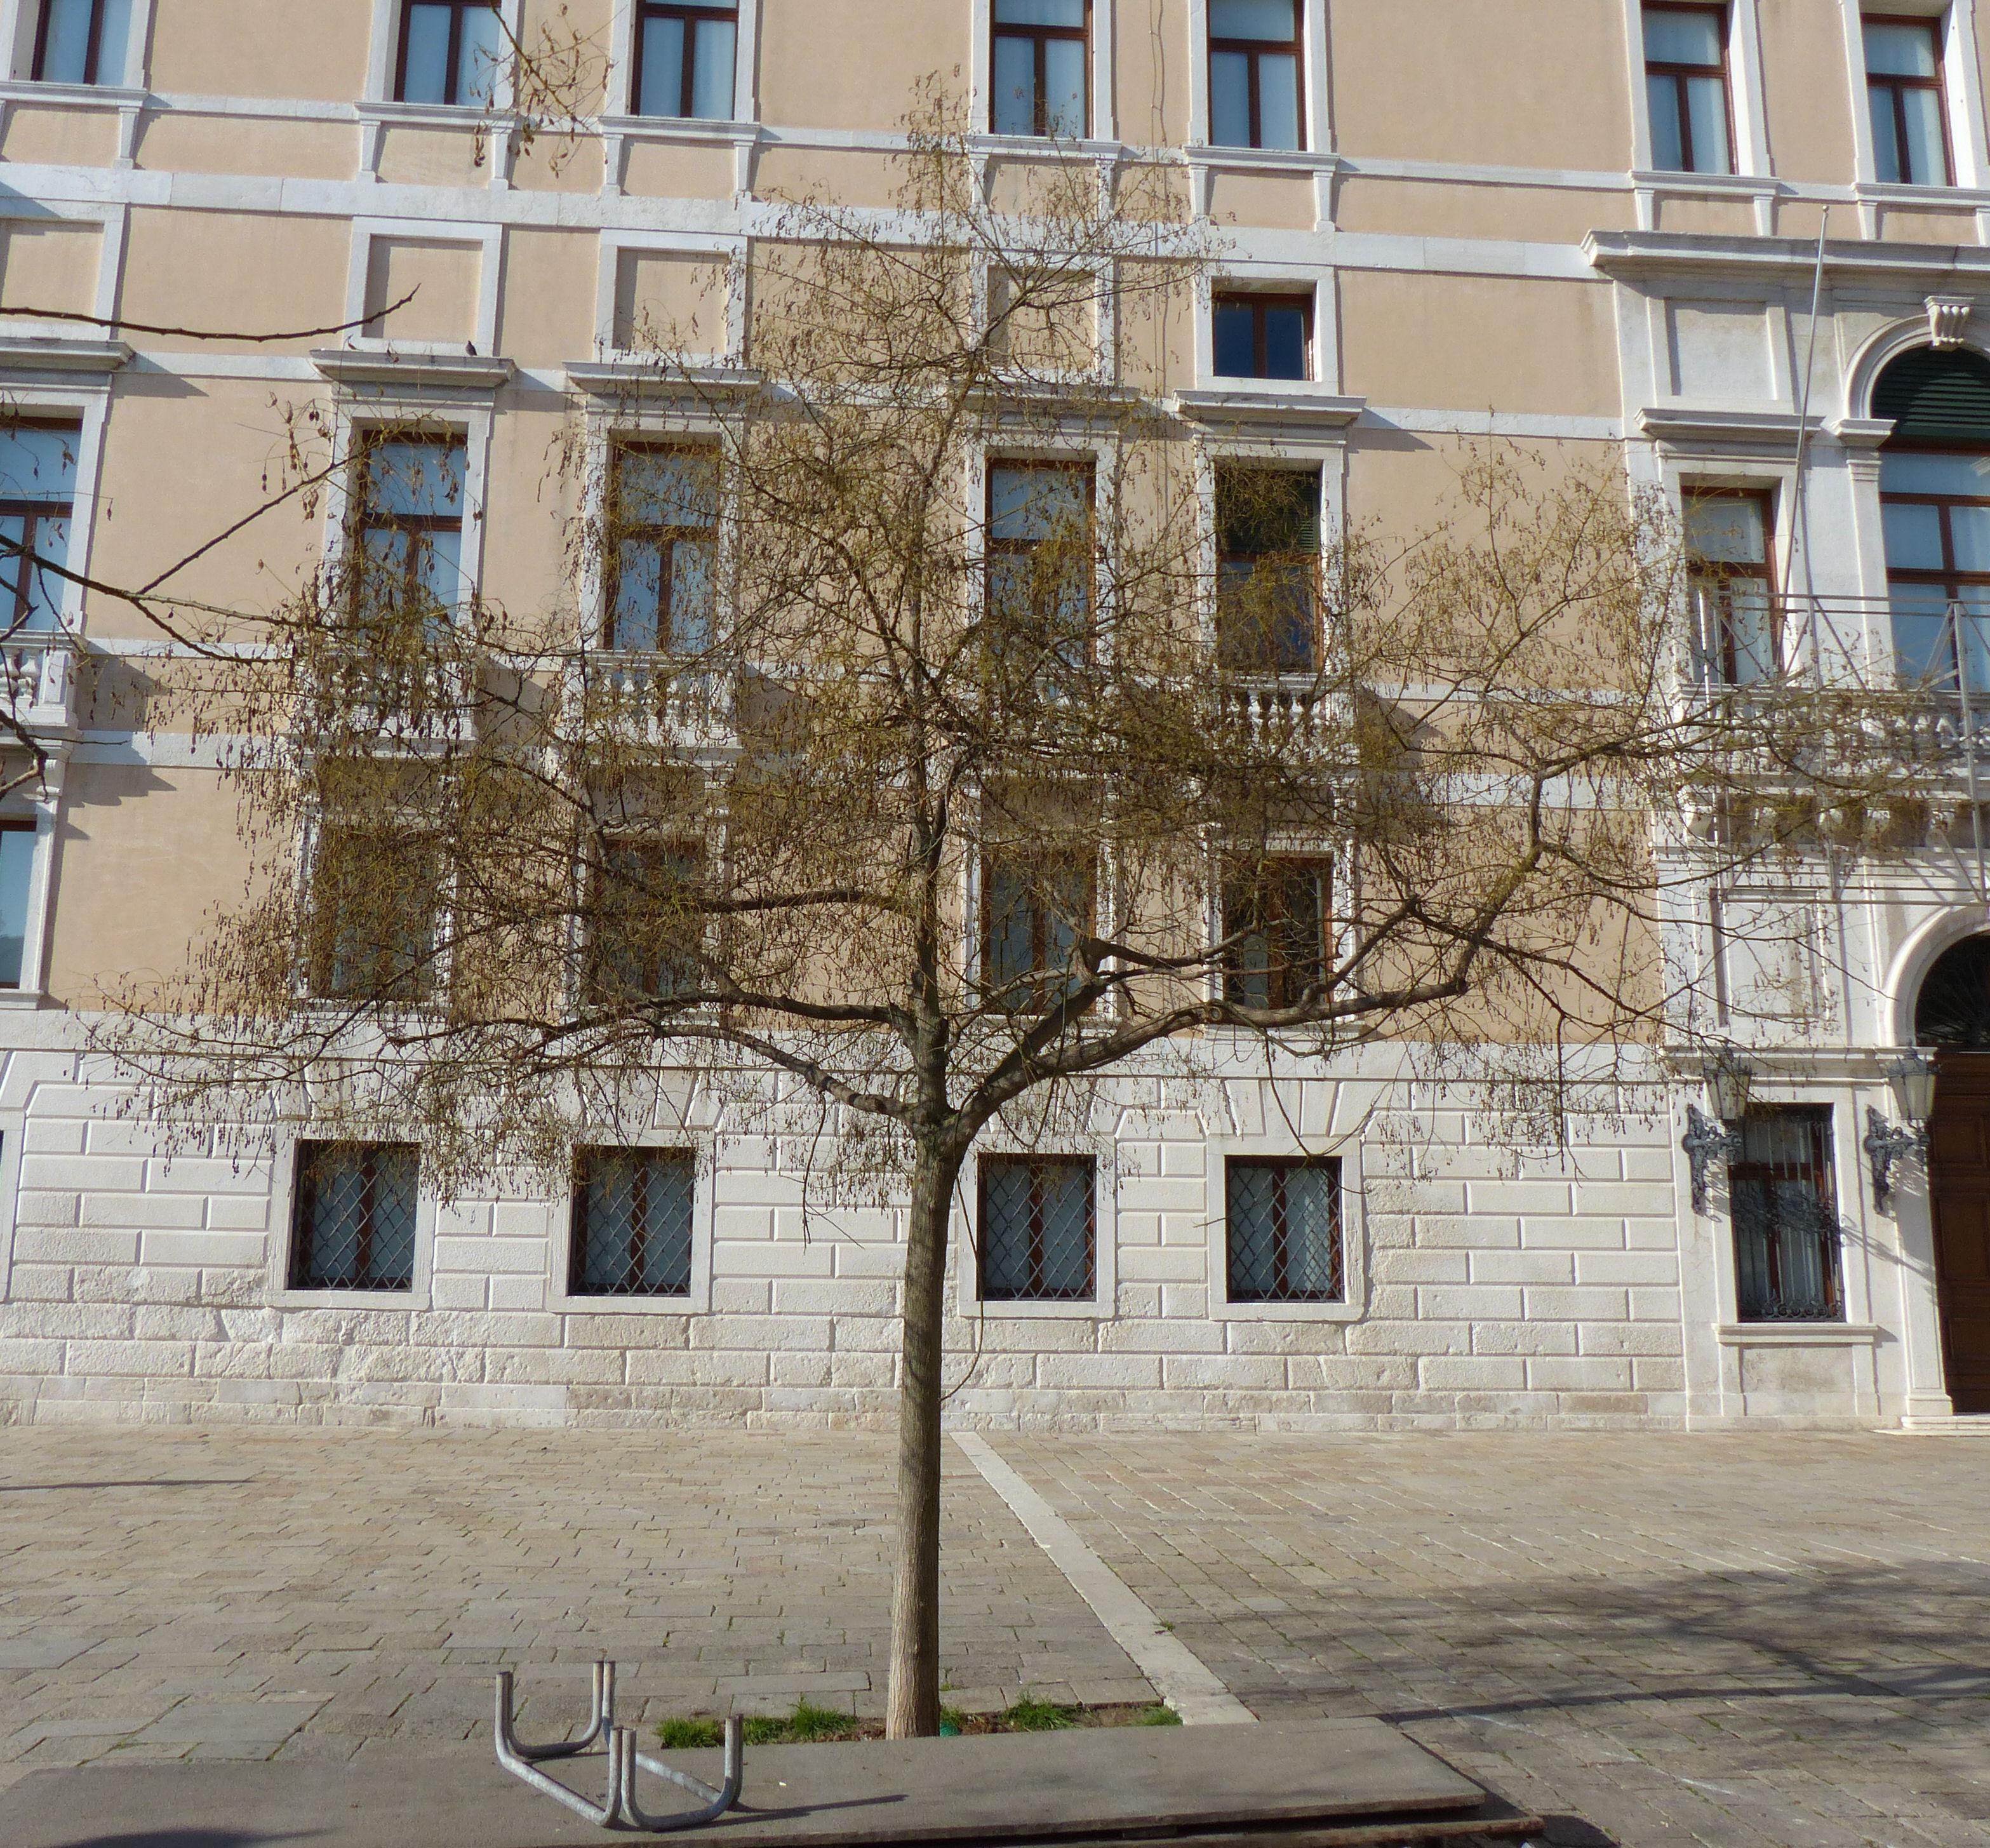 © Dipartimento di Scienze della Vita, Università di Trieste<br>by Andrea Moro<br>Comune di Venezia, Sestiere di San Marco, VE, Veneto, Italia, 11/03/2017<br>Distributed under CC-BY-SA 4.0 license.